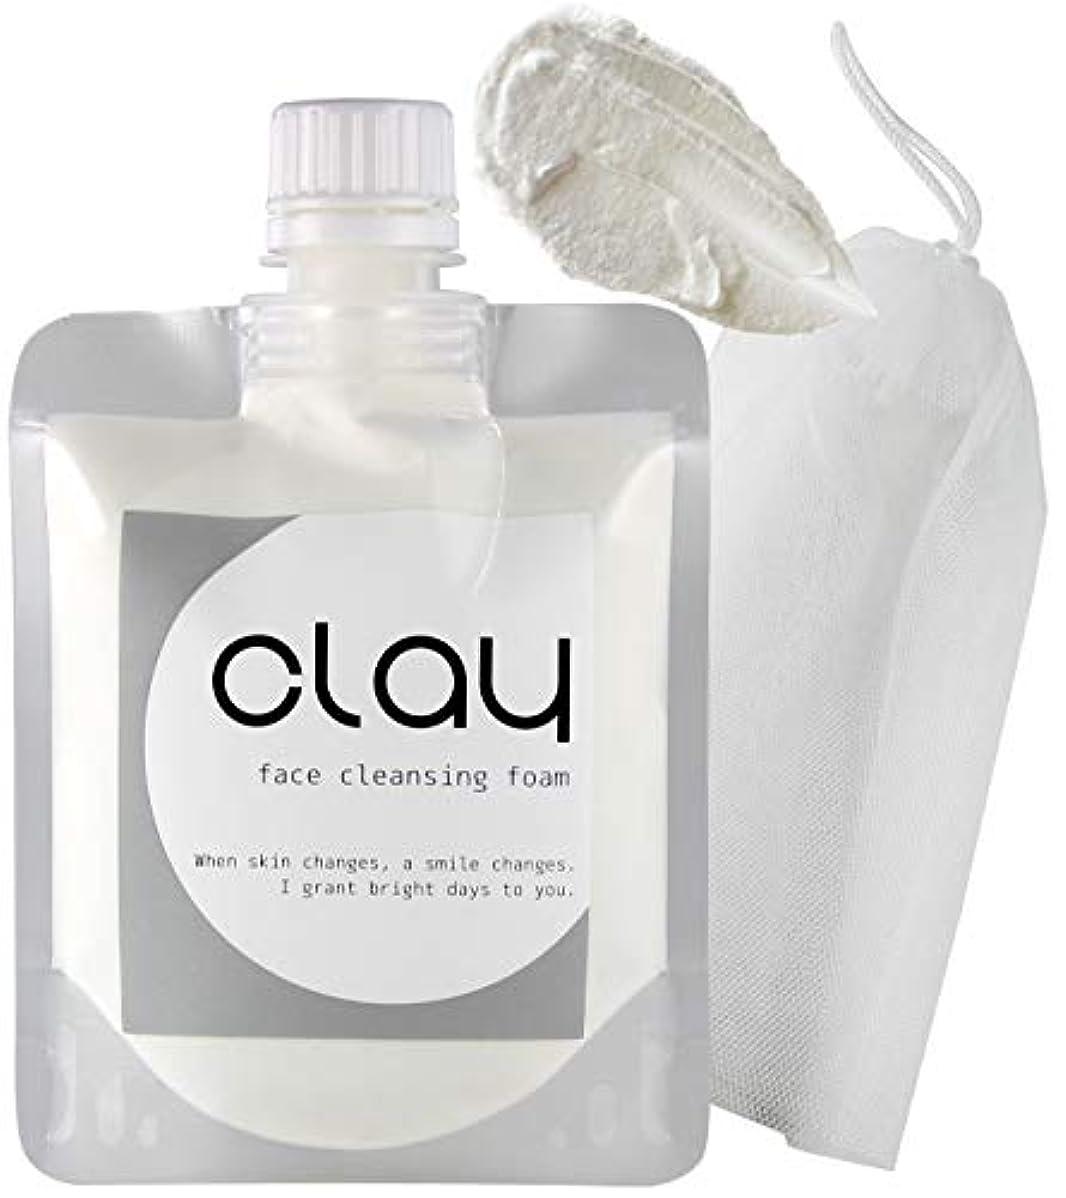 通行人同意騒々しいSTAR'S クレイ 泥 洗顔 オーガニック 【 毛穴 黒ずみ 開き ザラ付き 用】「 泡 ネット 付き」 40種類の植物エキス 16種類の美容成分 9つの無添加 透明感 柔肌 130g (Clay)